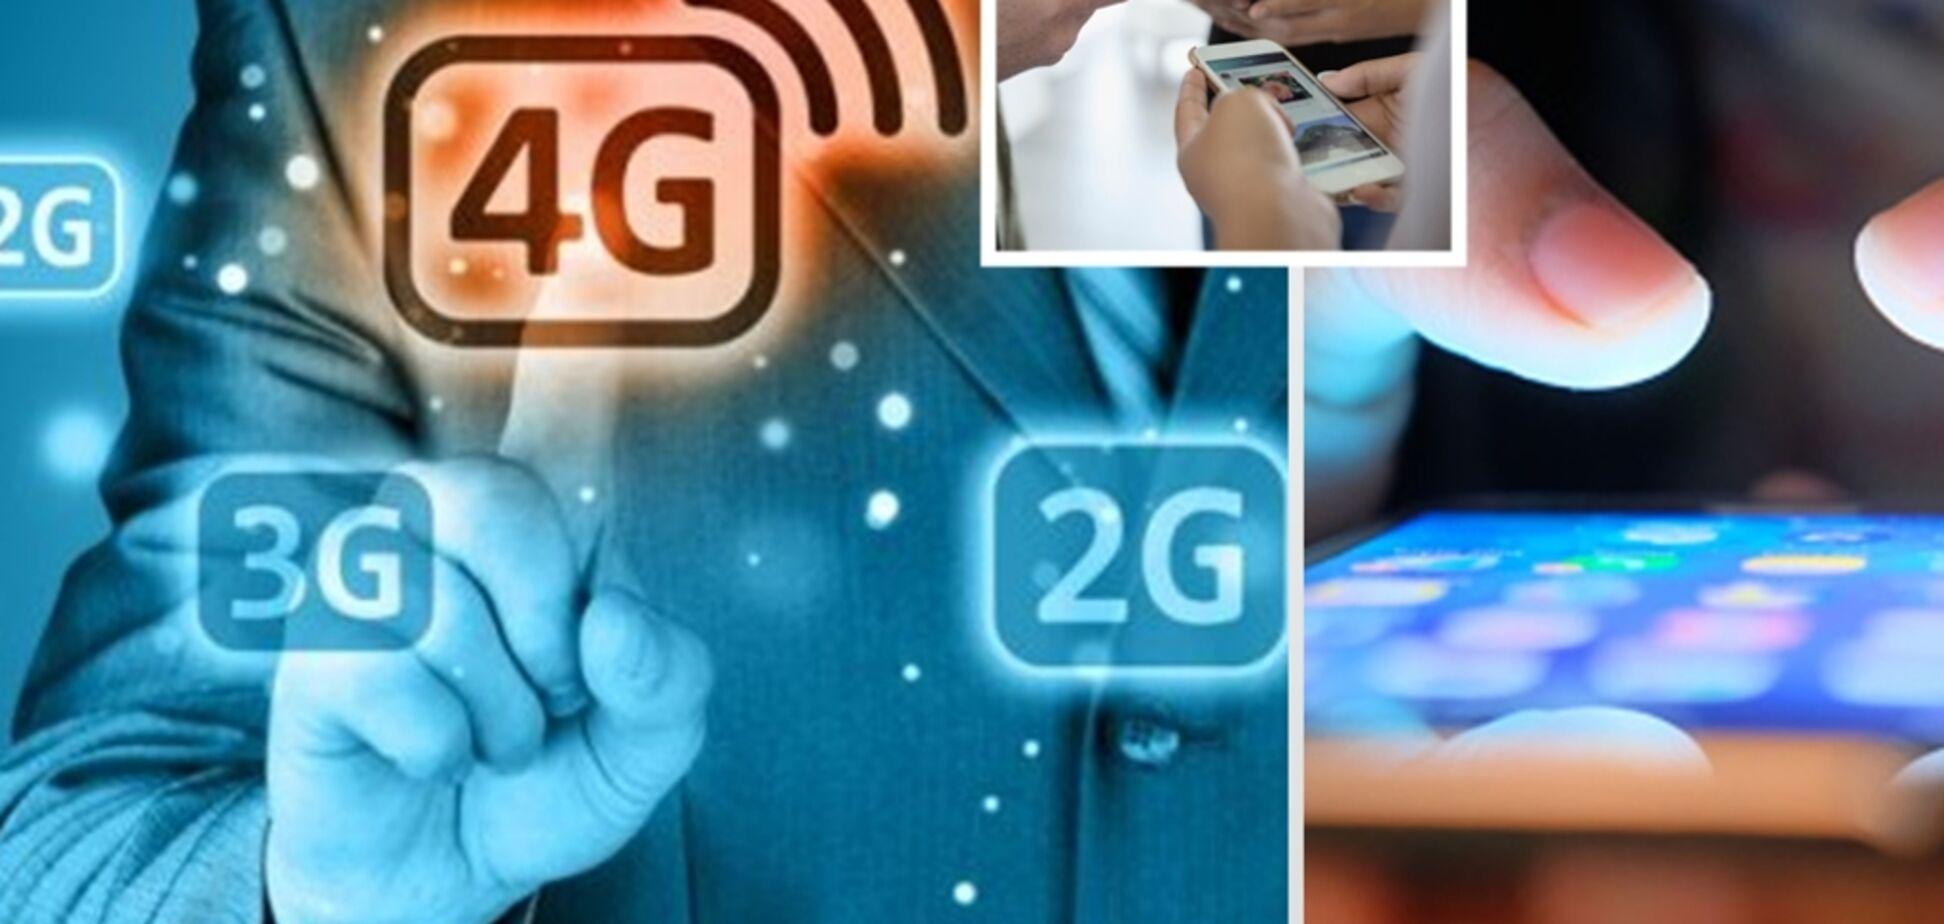 Коли в Україні запустять 5G, а в метро буде швидкісний інтернет: розповідає ''Київстар''